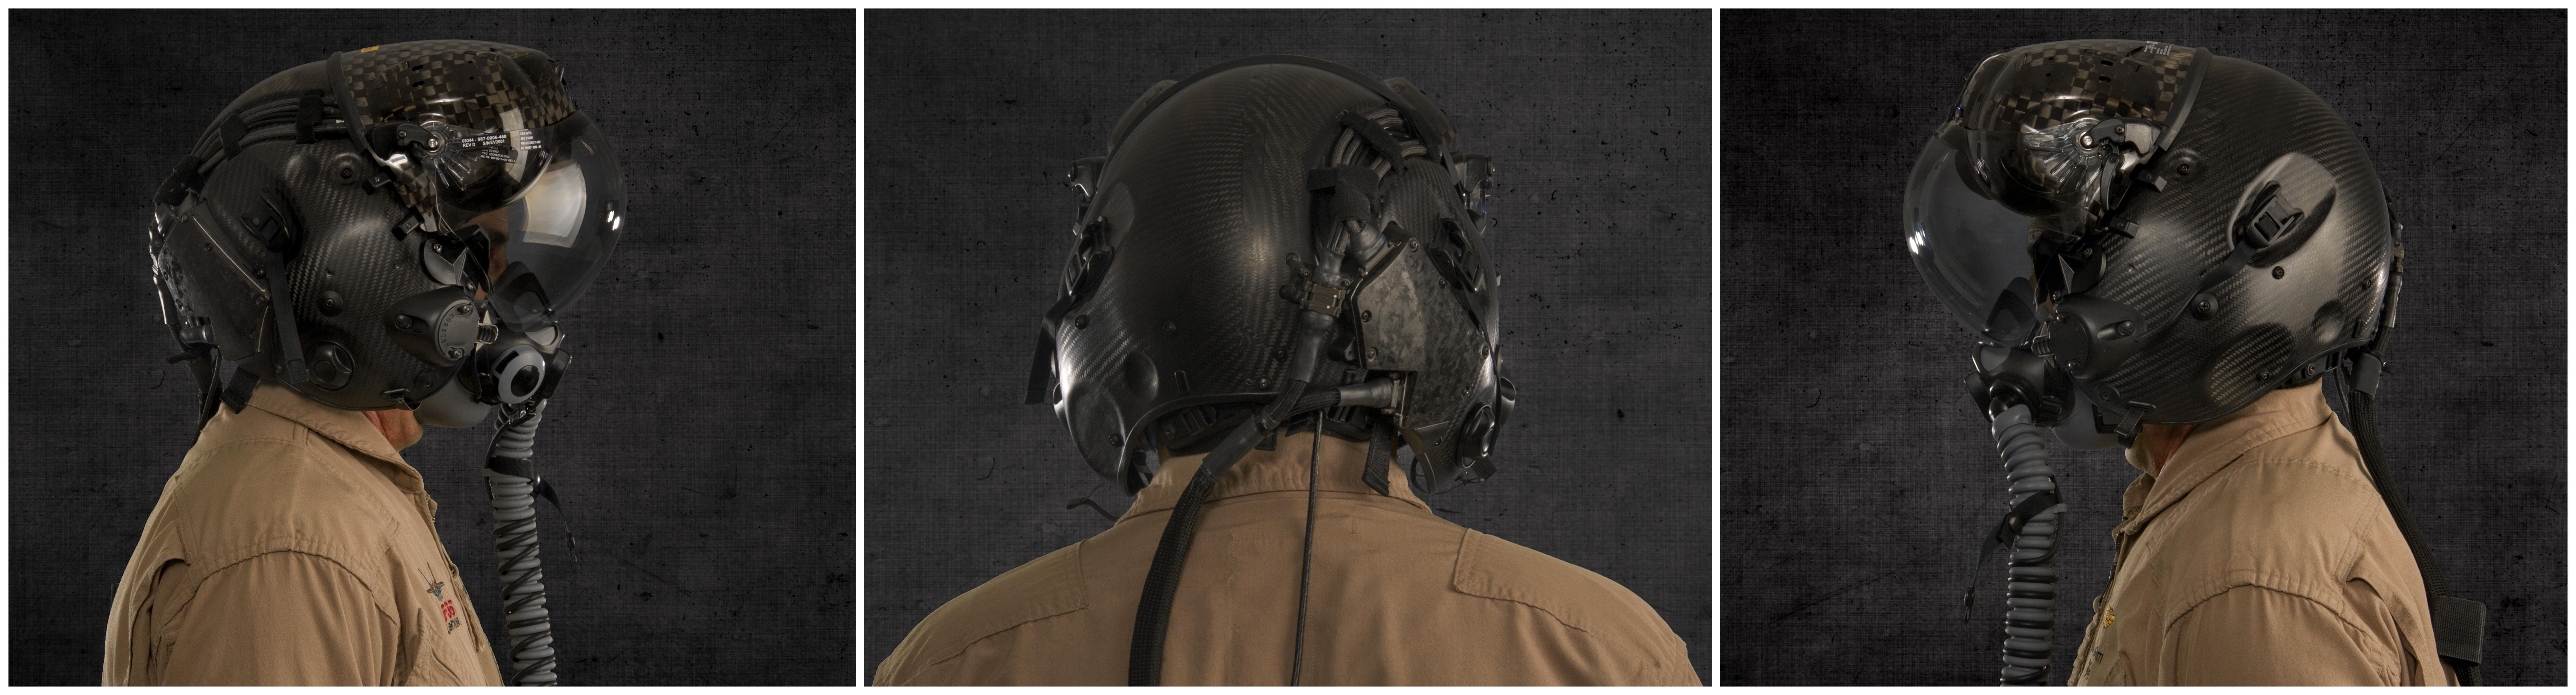 Шлем пилота F-35: дополнительные виды